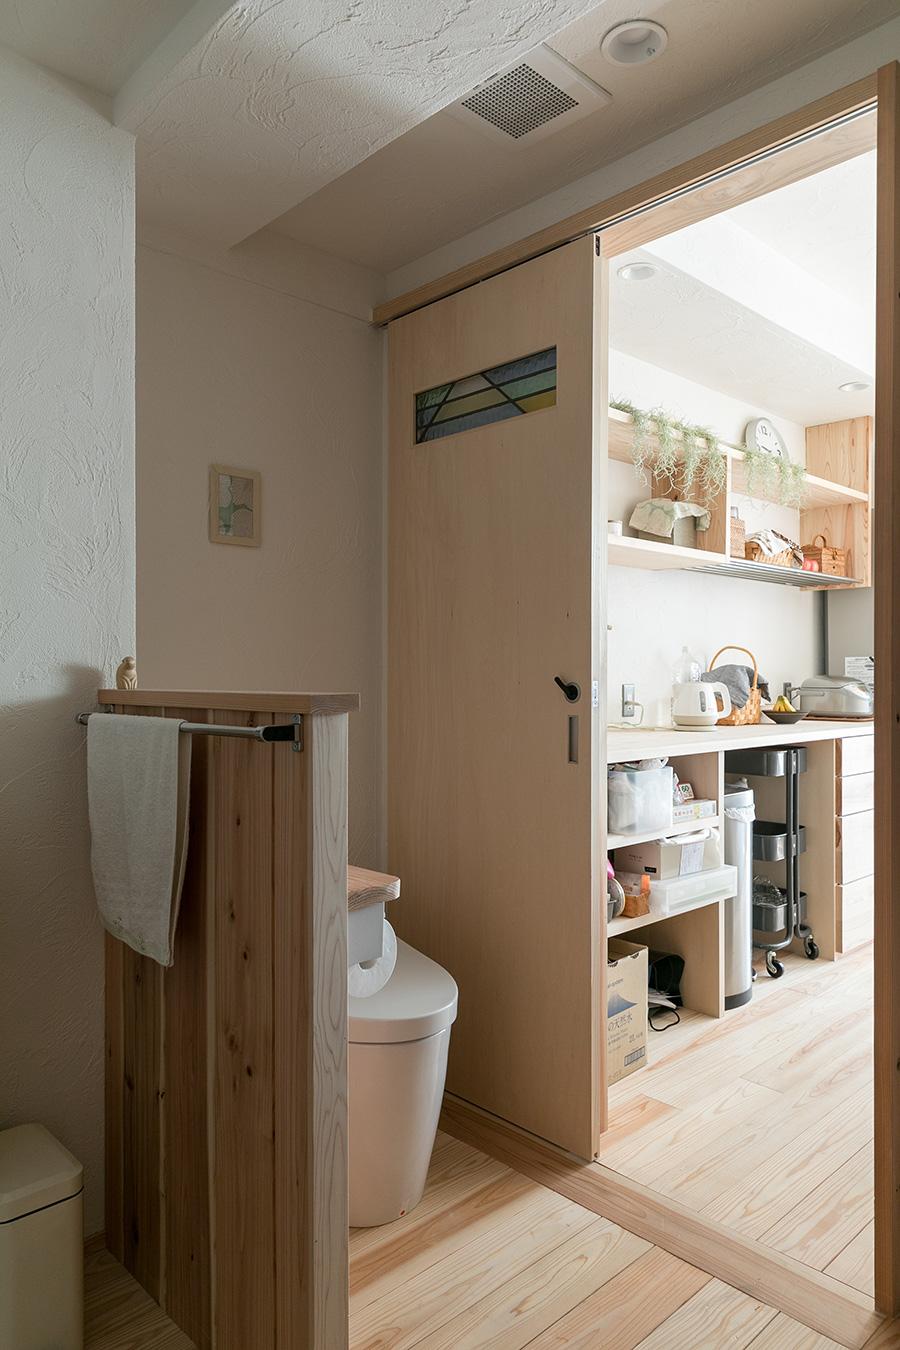 キッチンの引き戸を引けばトイレ、洗面所、ランドリールームへとつながる。